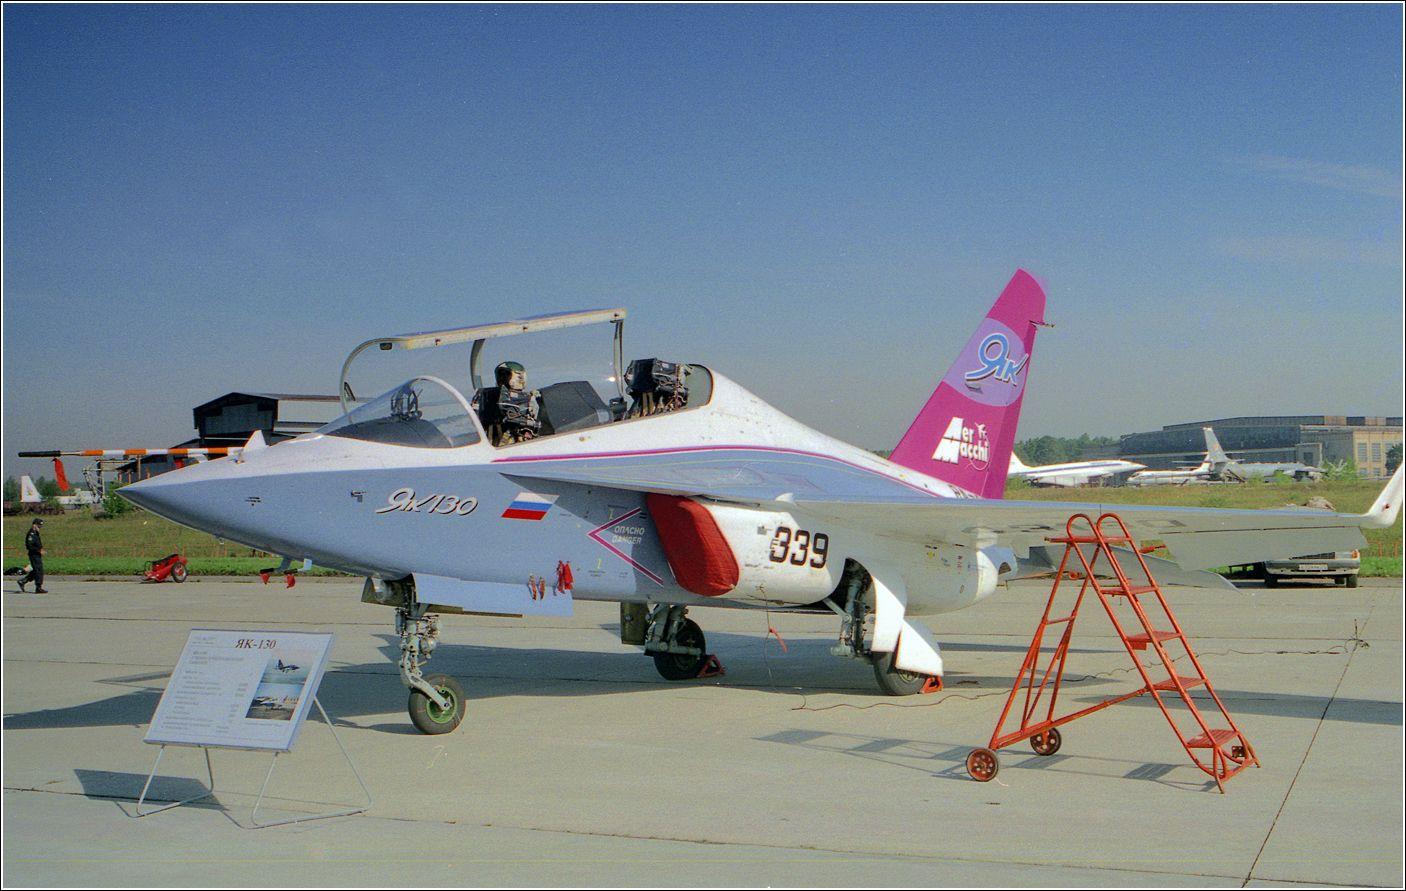 Як-130 Як-130 авиация самолет стоянка Жуковский 1998